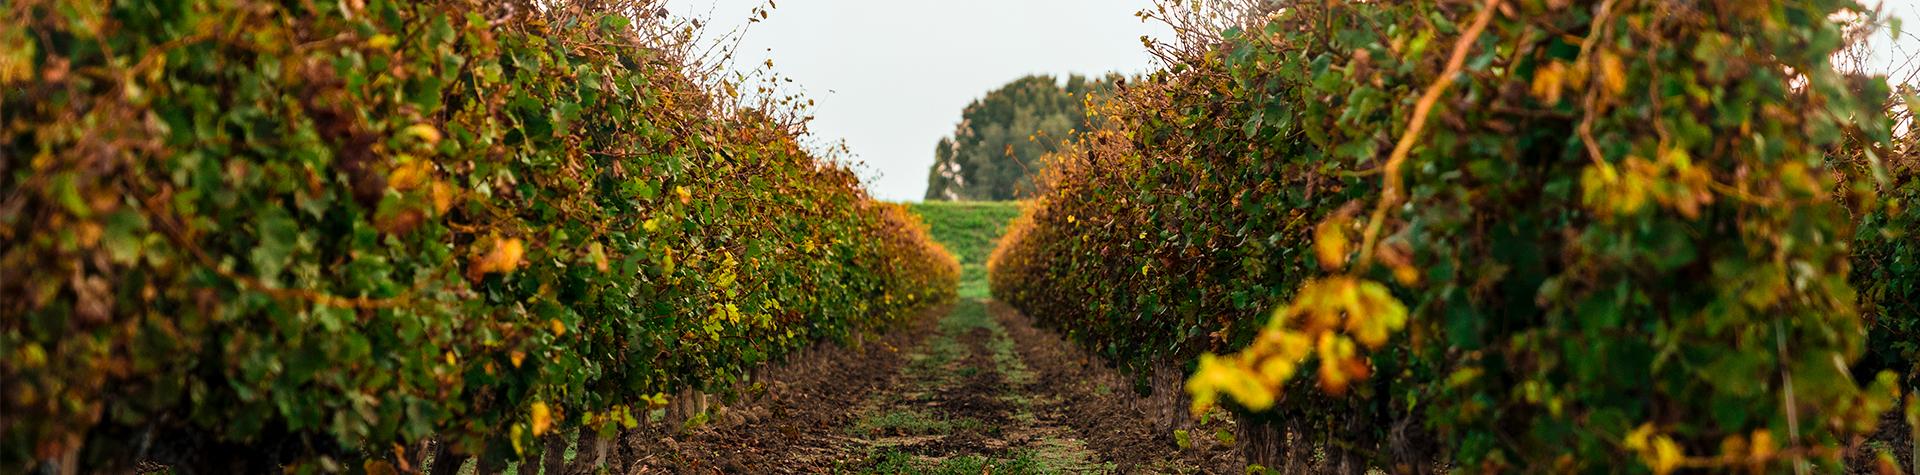 Vignoble du Domaine du Mas de Rey en automne